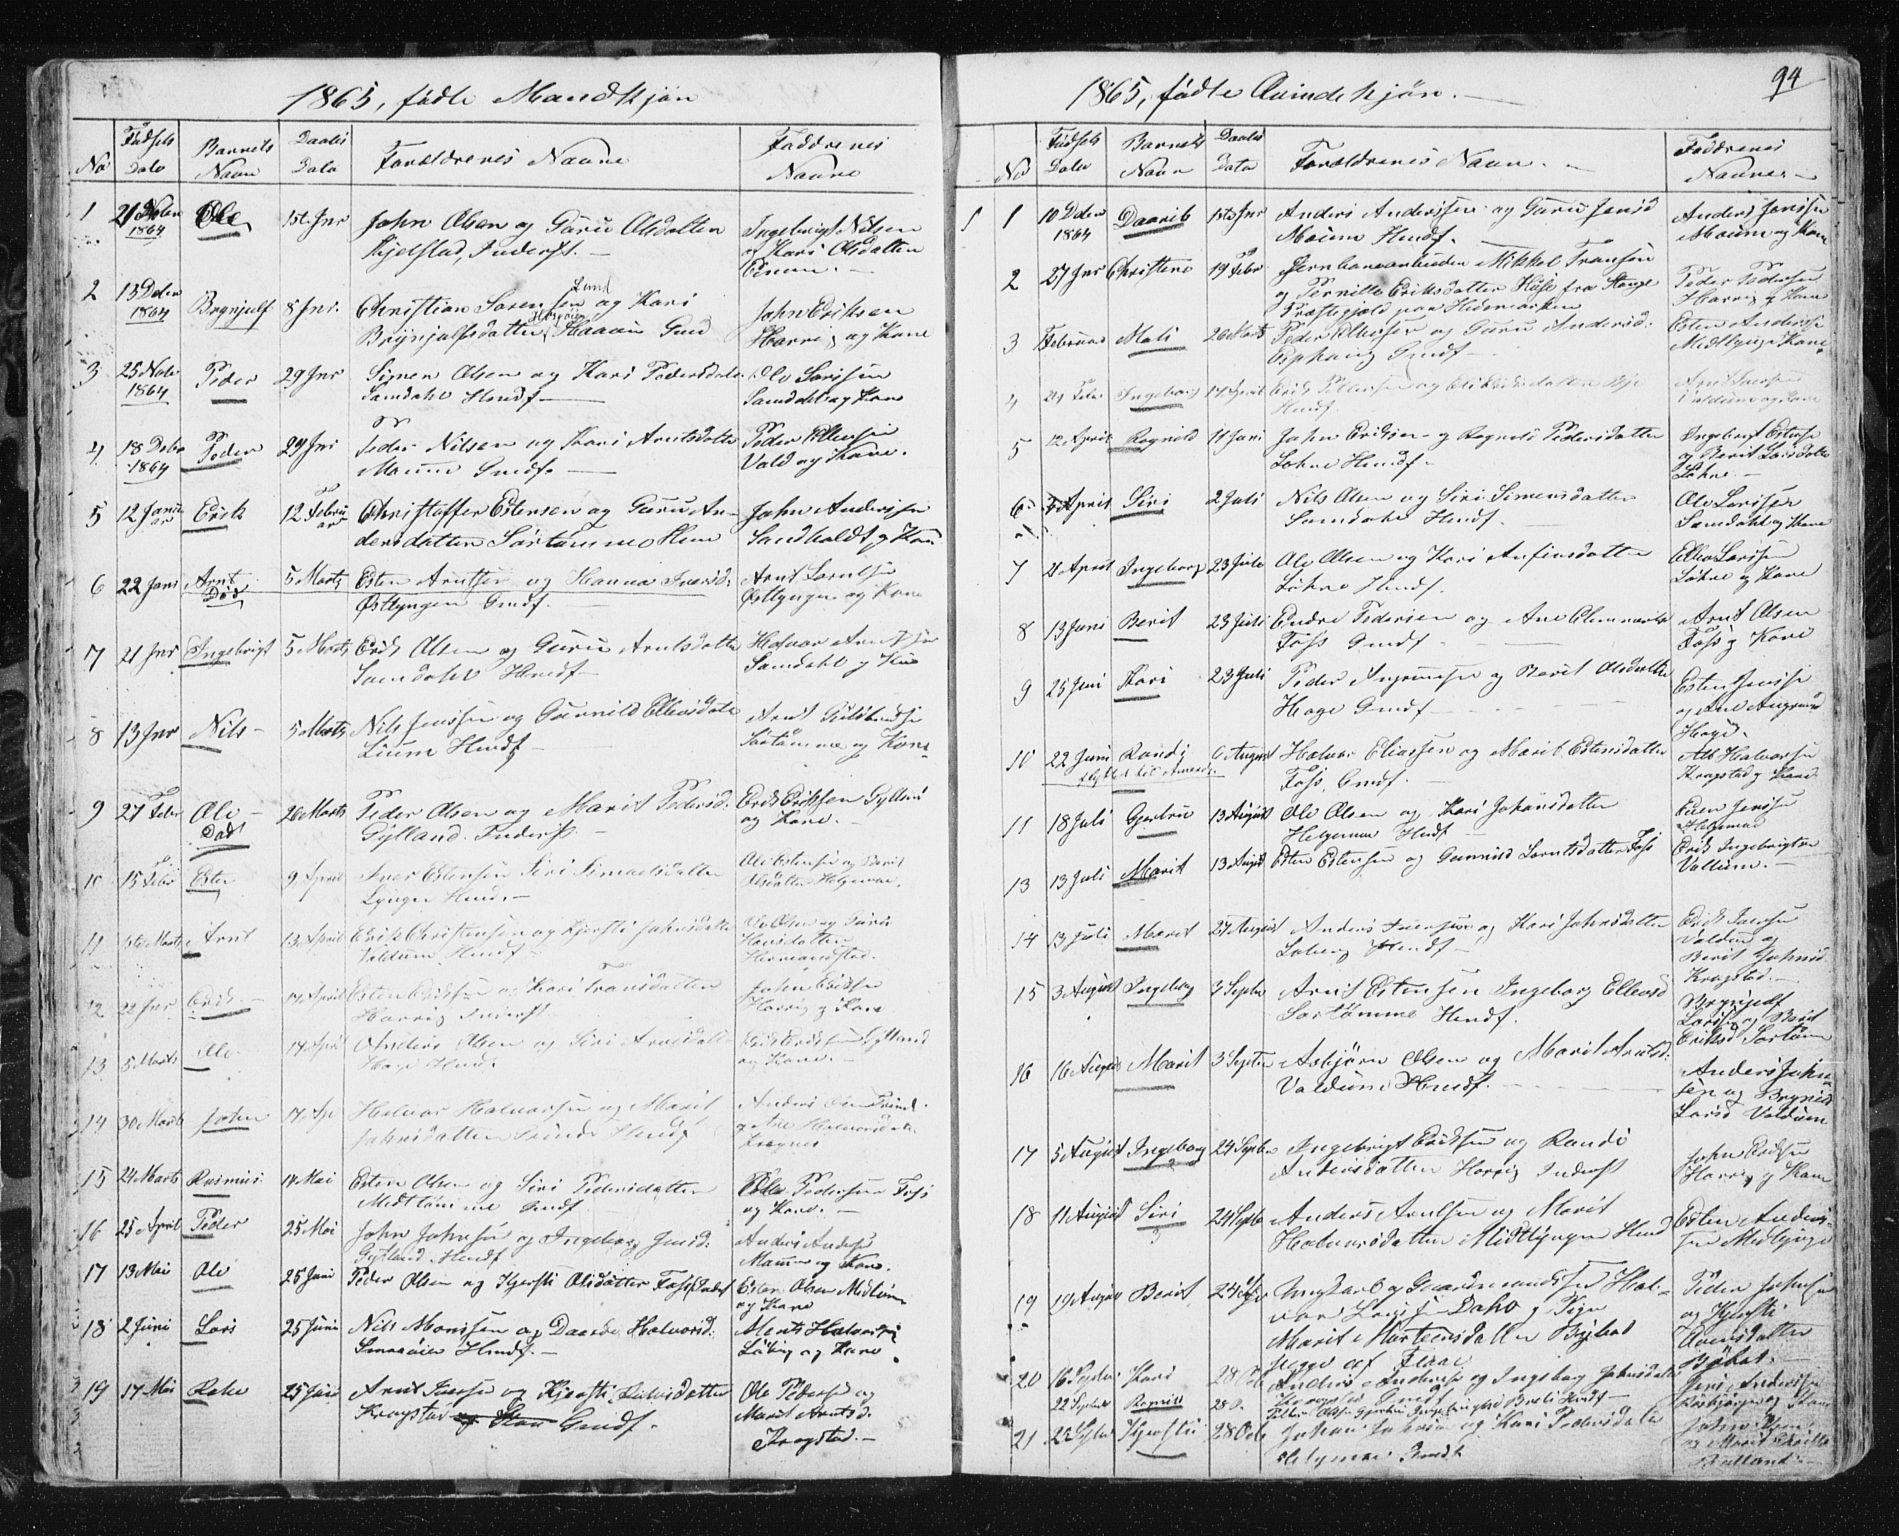 SAT, Ministerialprotokoller, klokkerbøker og fødselsregistre - Sør-Trøndelag, 692/L1110: Klokkerbok nr. 692C05, 1849-1889, s. 94